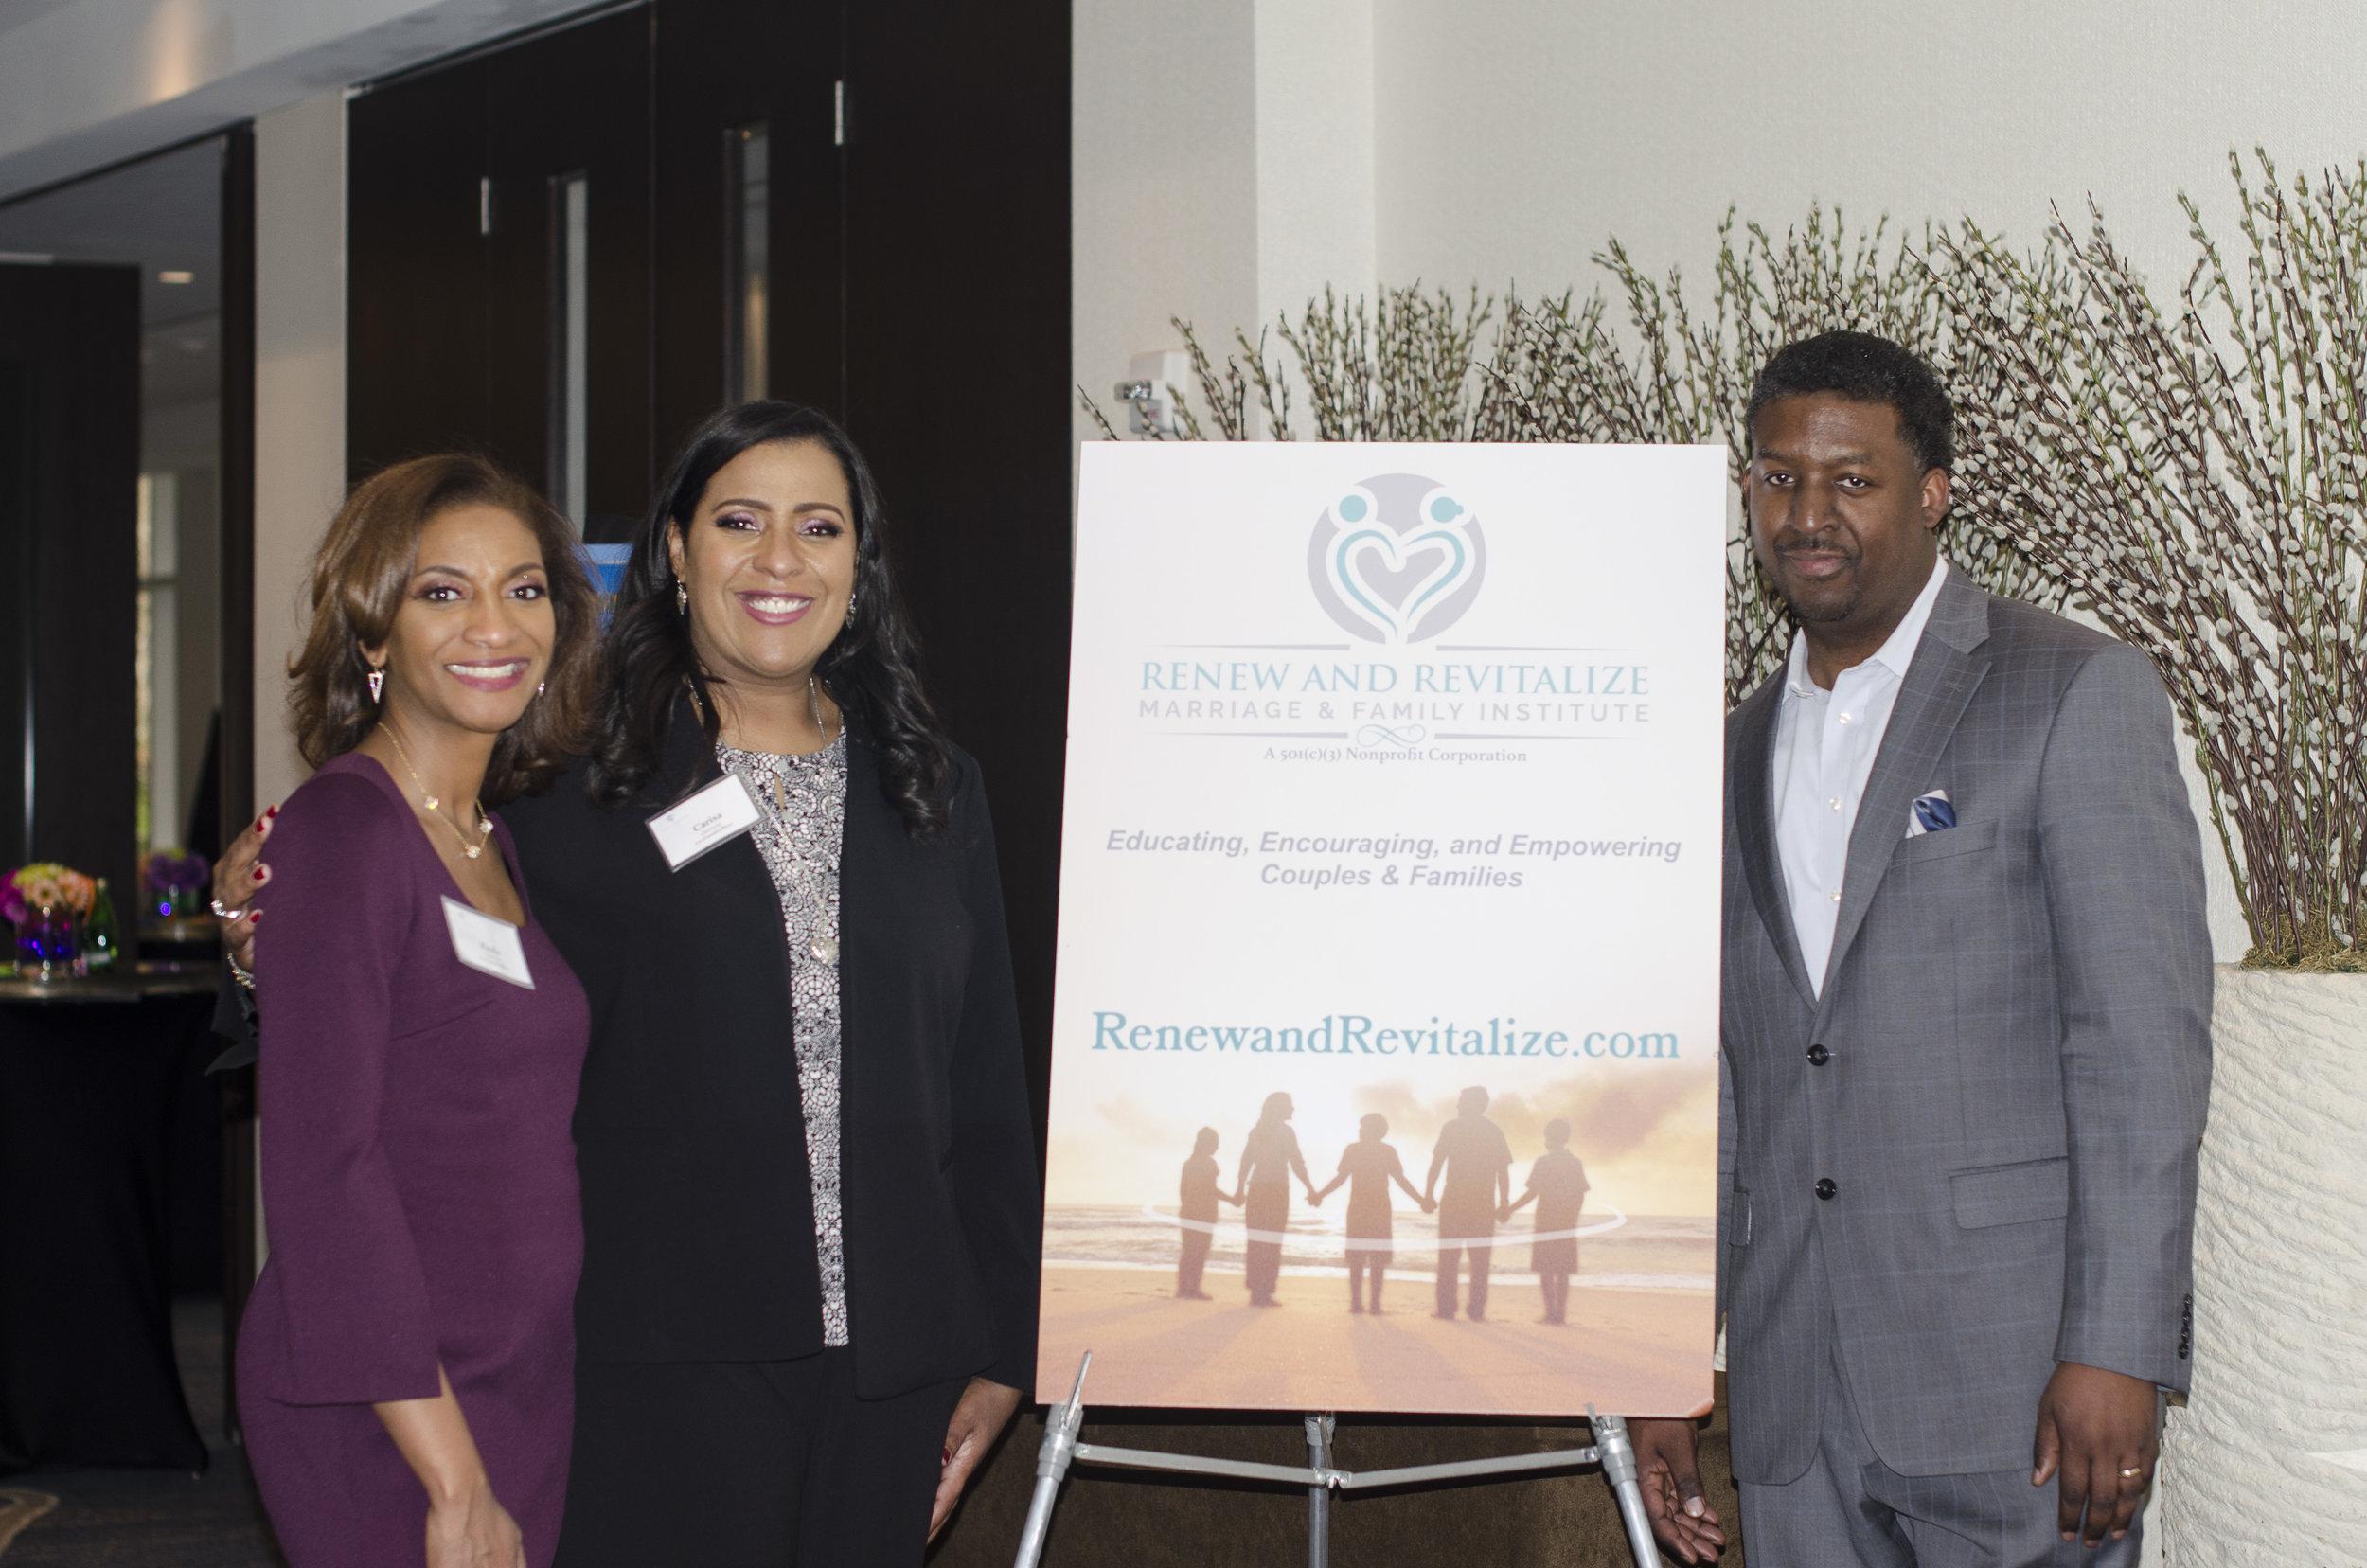 Founders: Paula Anderson, LCPC, Carisa Oyebanjo, LCPC, & Jendayo Grady, Ph.D.